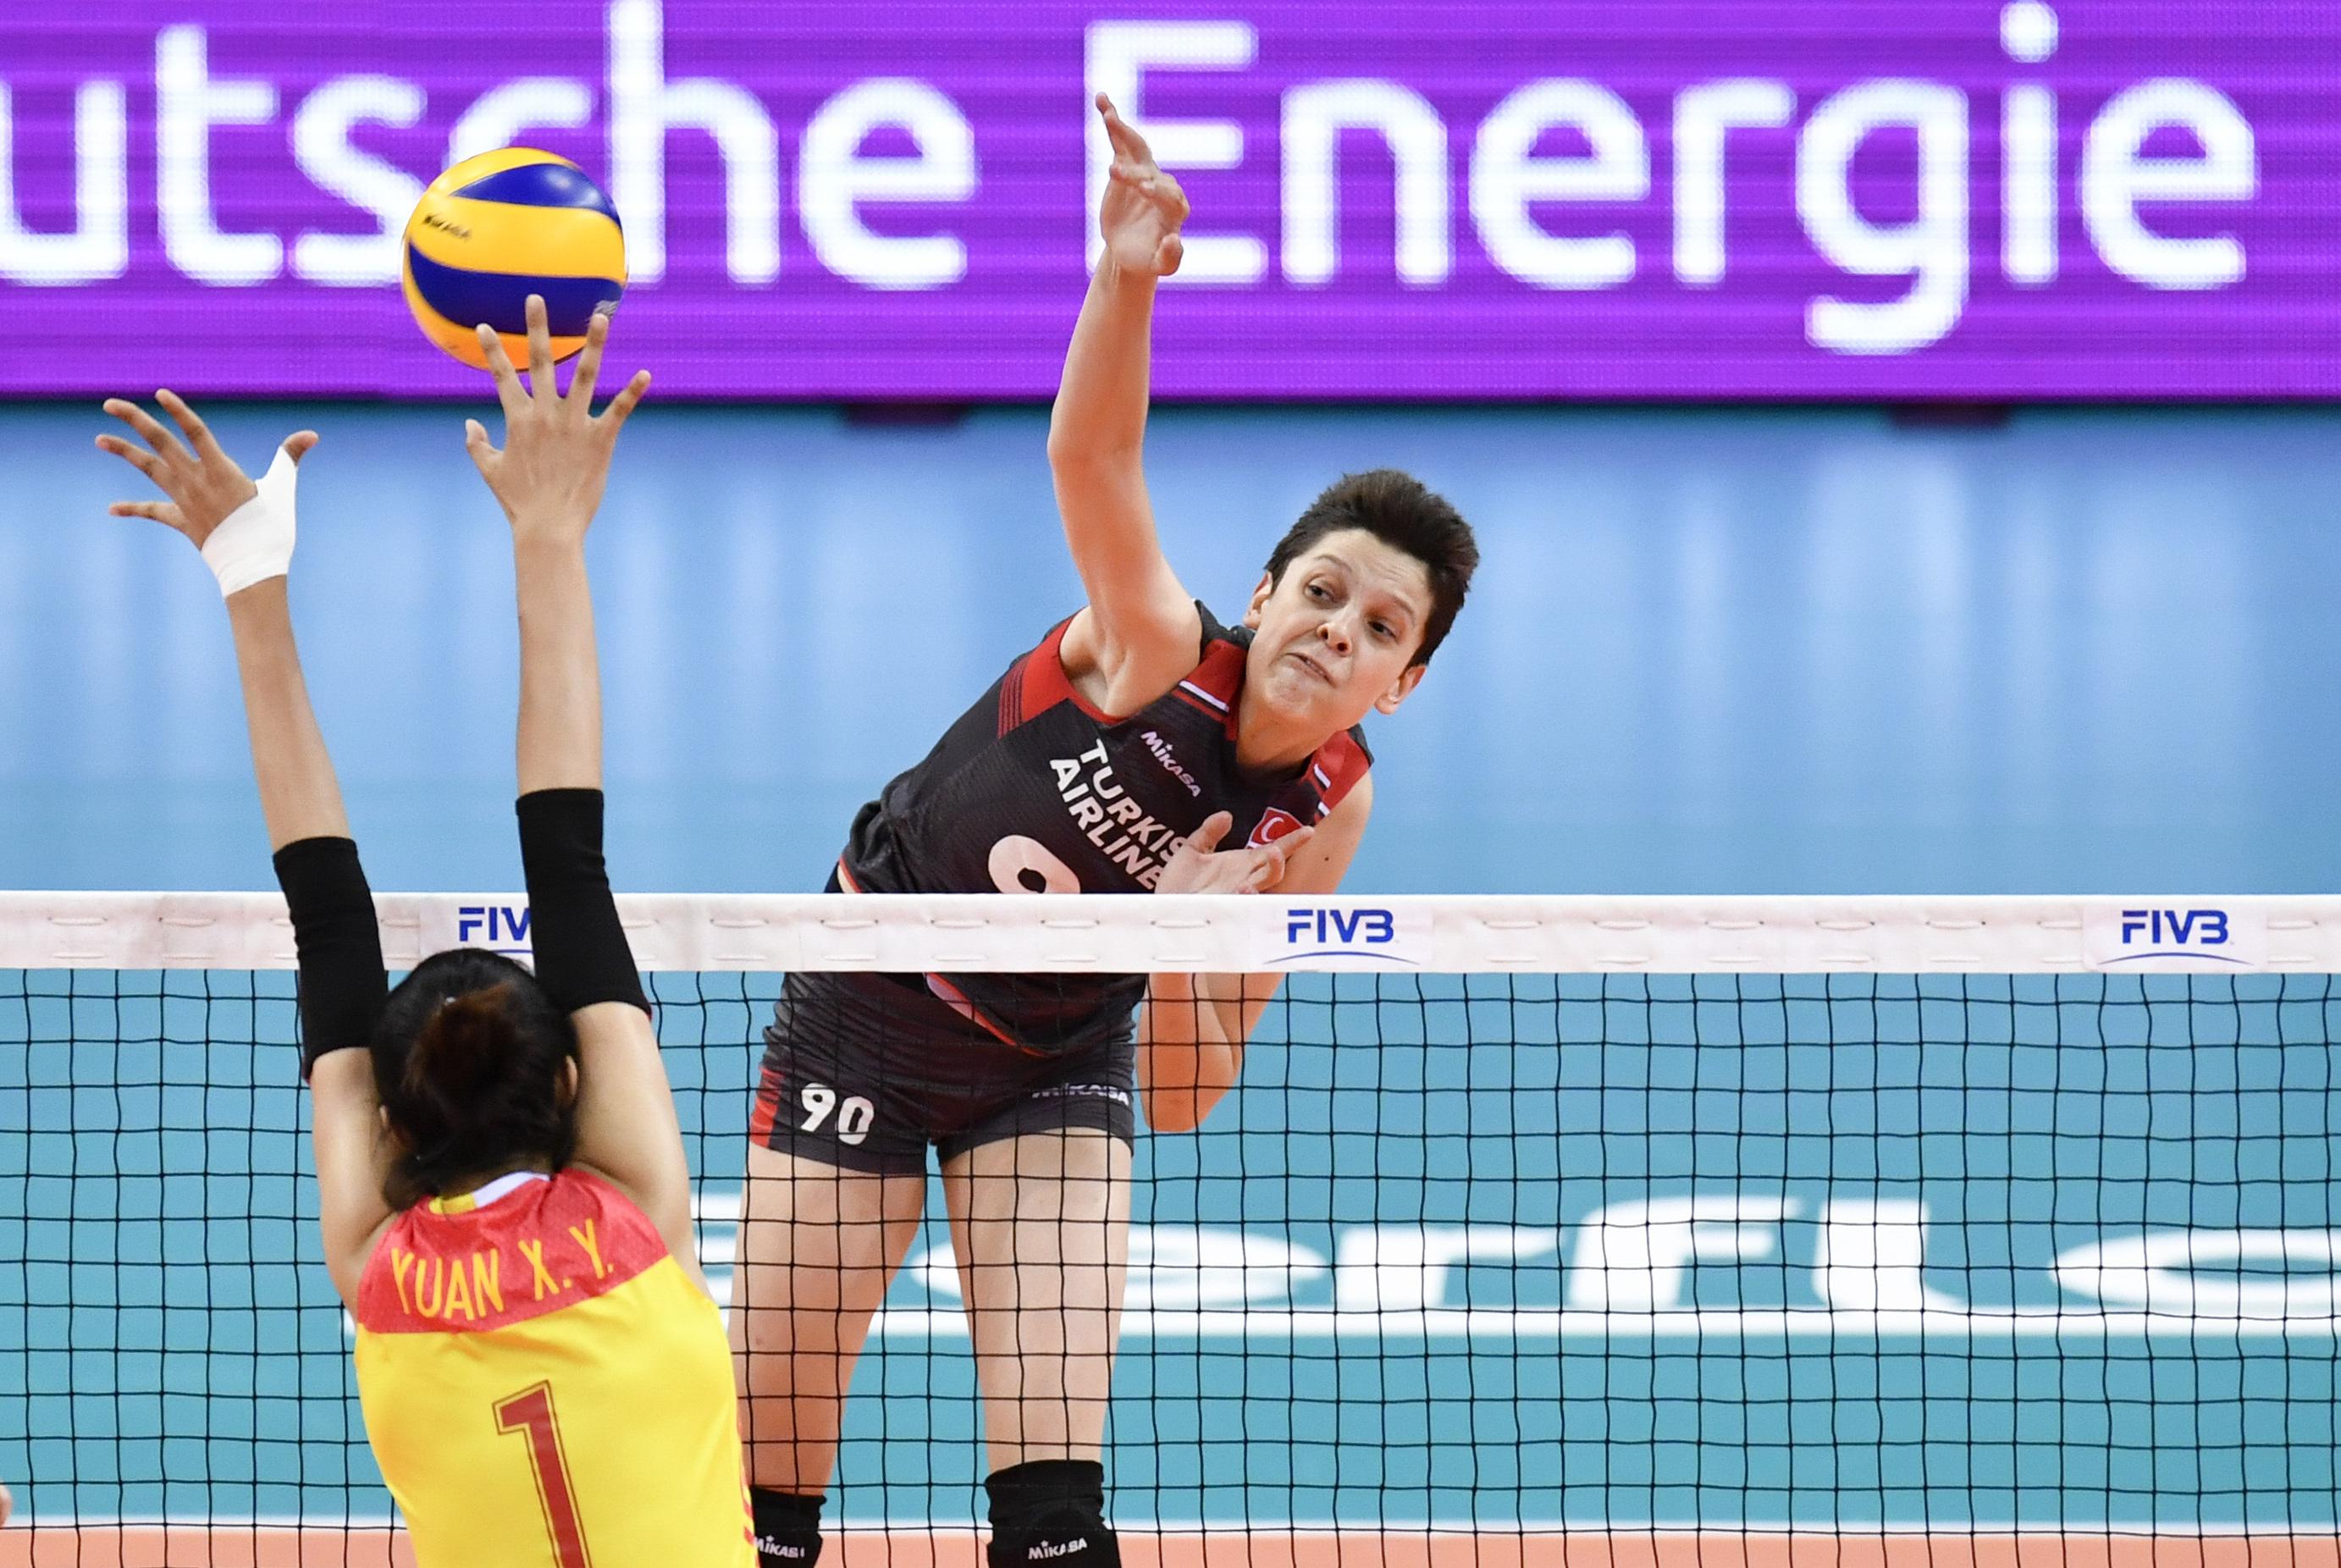 国际排联点名女排5大新星 李盈莹榜上有名 重点提到她单场得45分